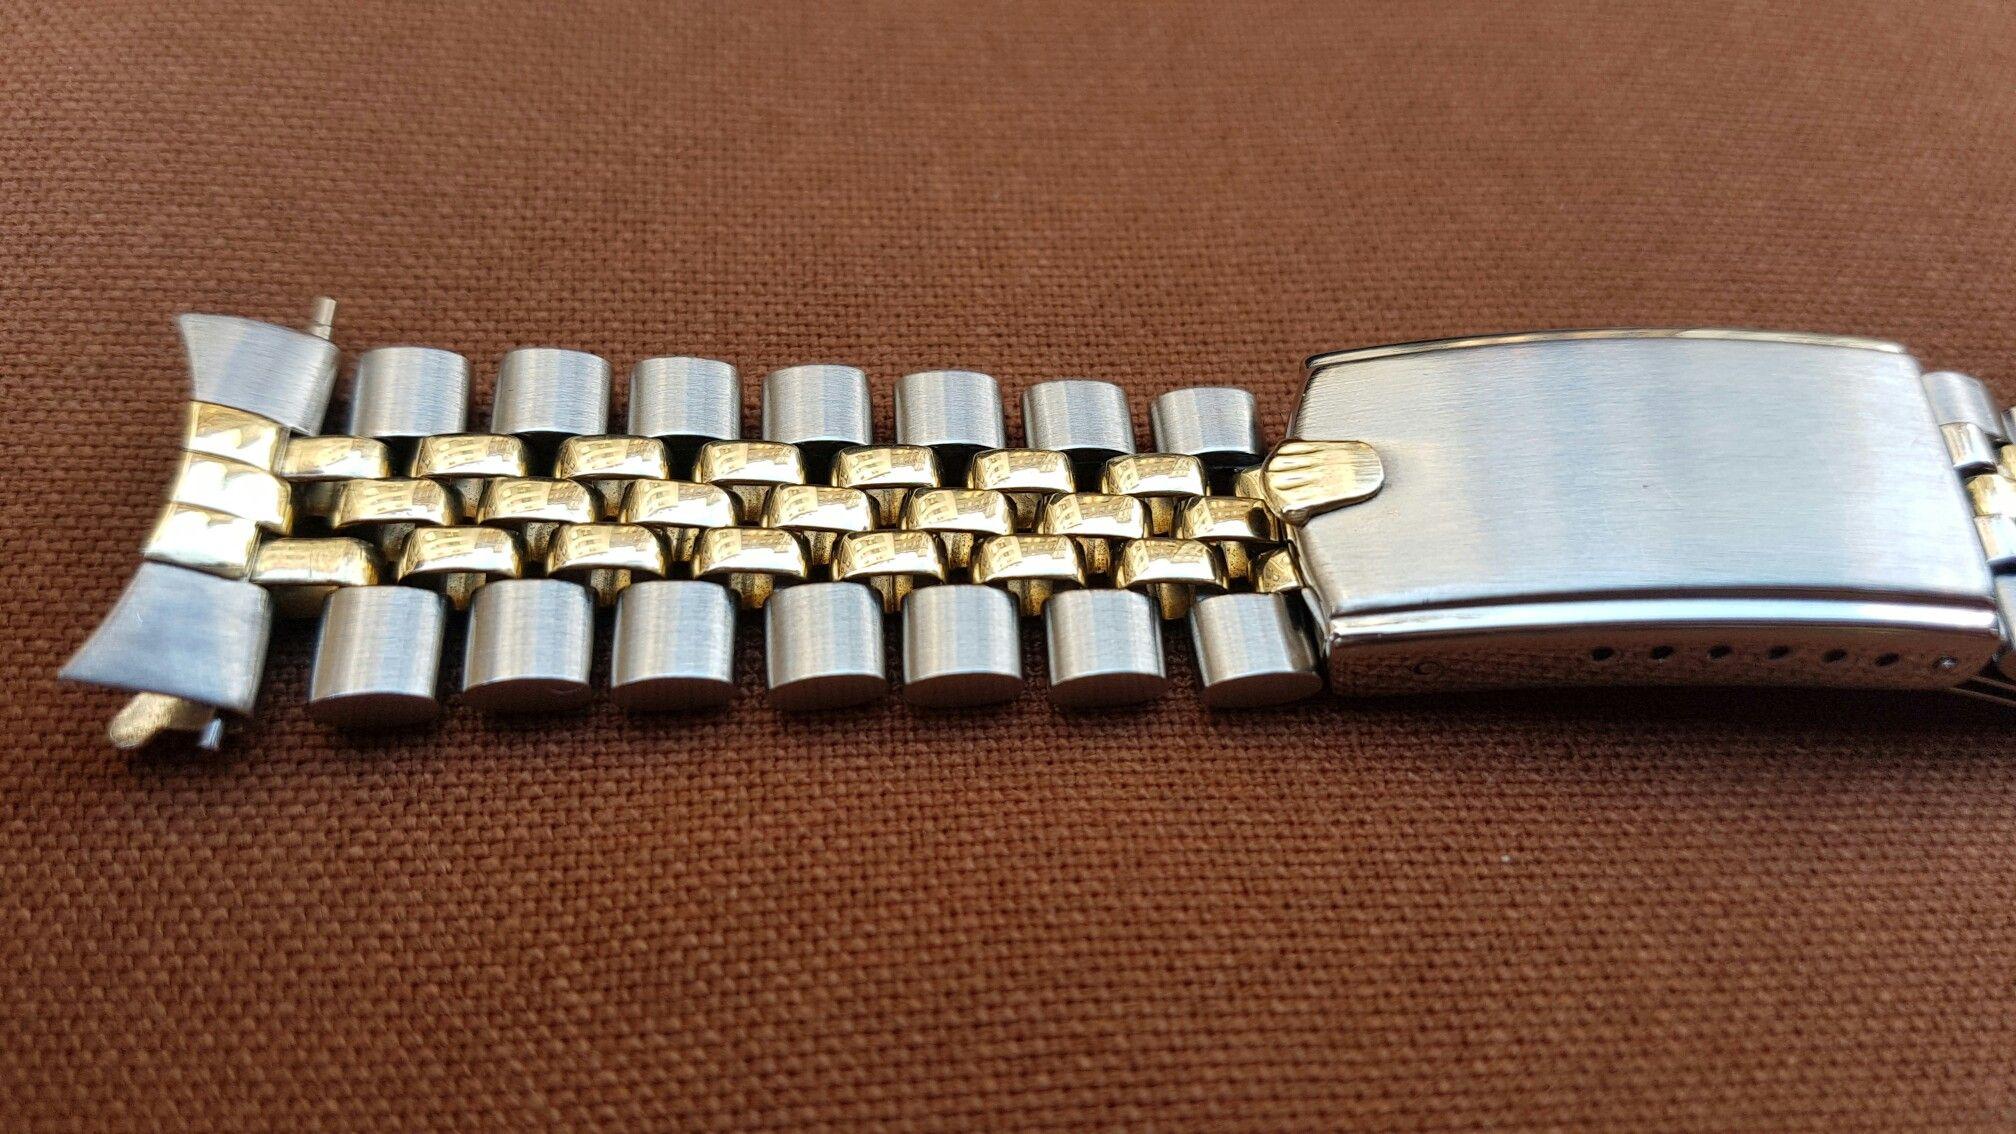 Rolex k trim usa jubilee steel u gold bracelet men wrist